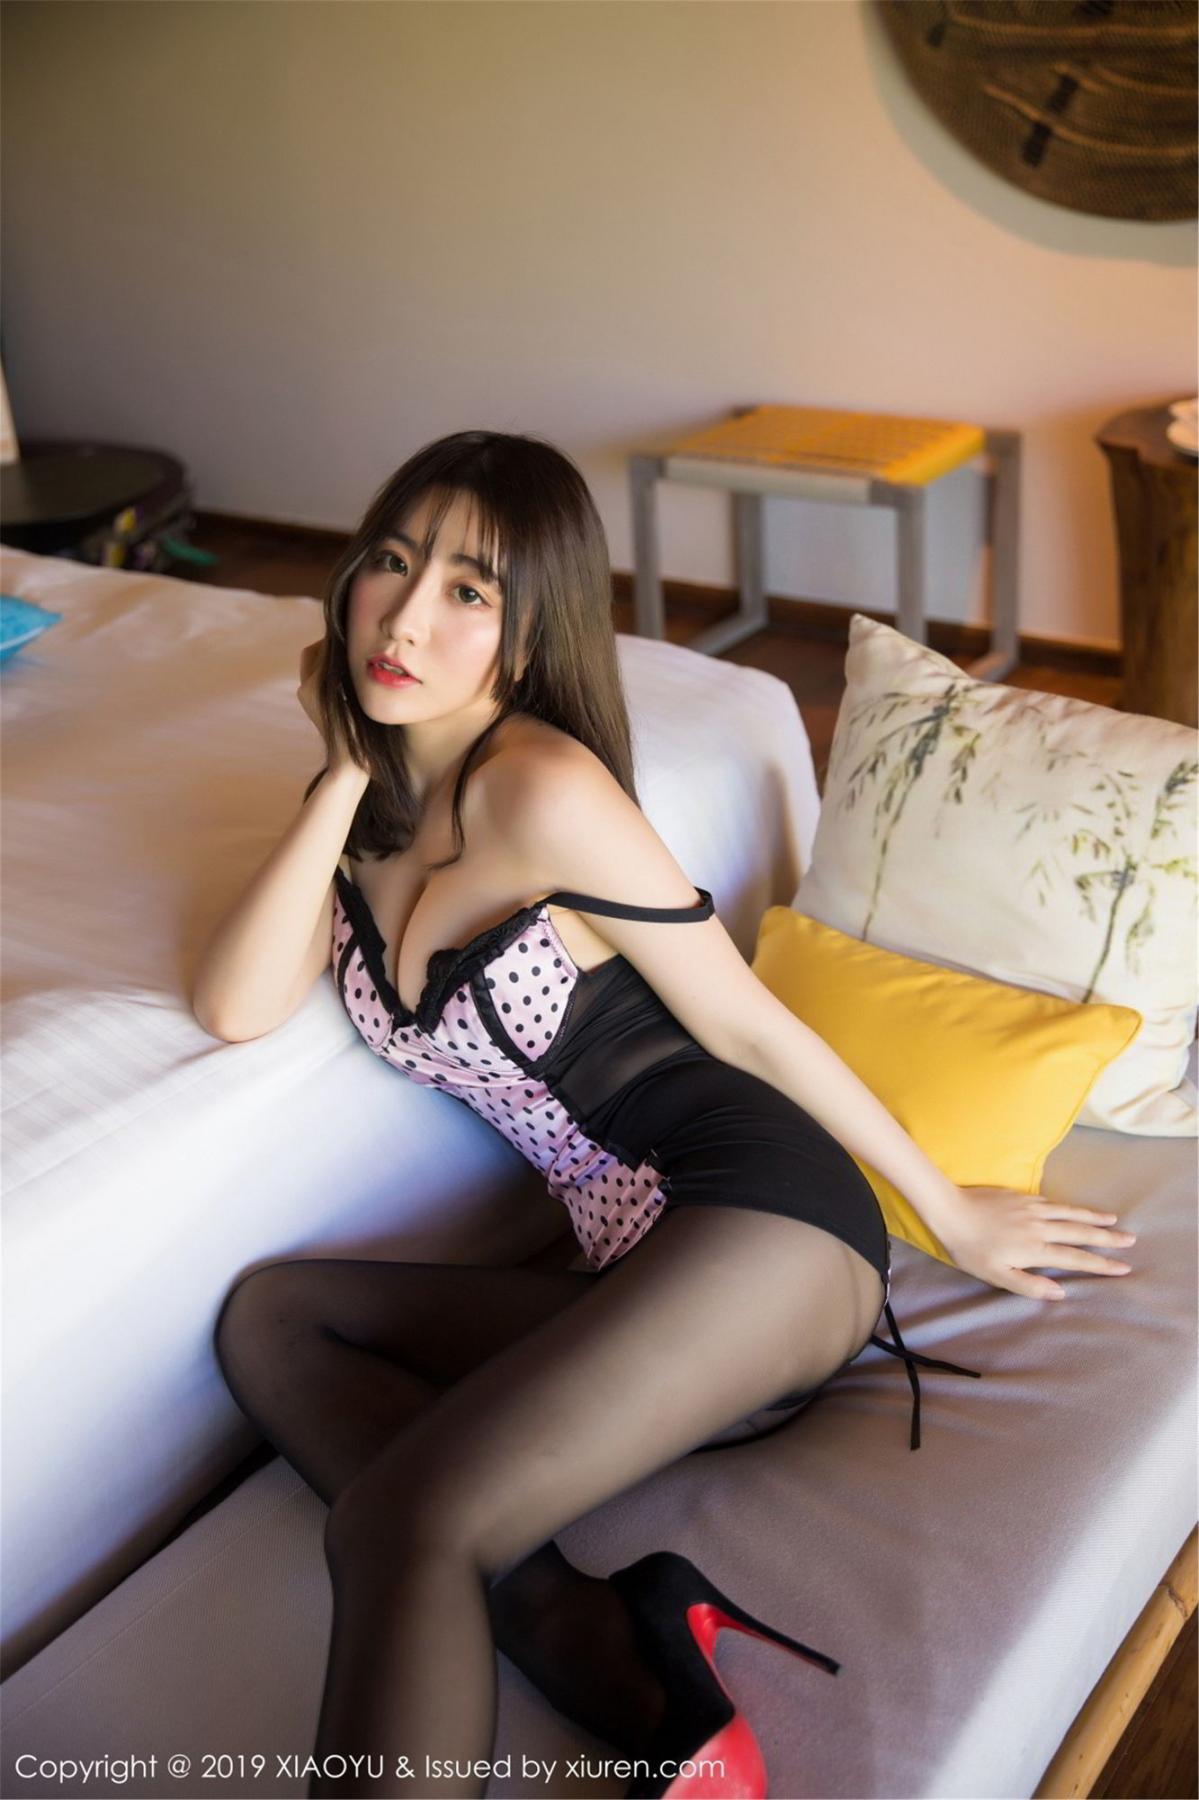 [XiaoYu] Vol.061 Ying Yue Fei 14P, Black Silk, Tall, Underwear, XiaoYu, Xie Zhi Xin